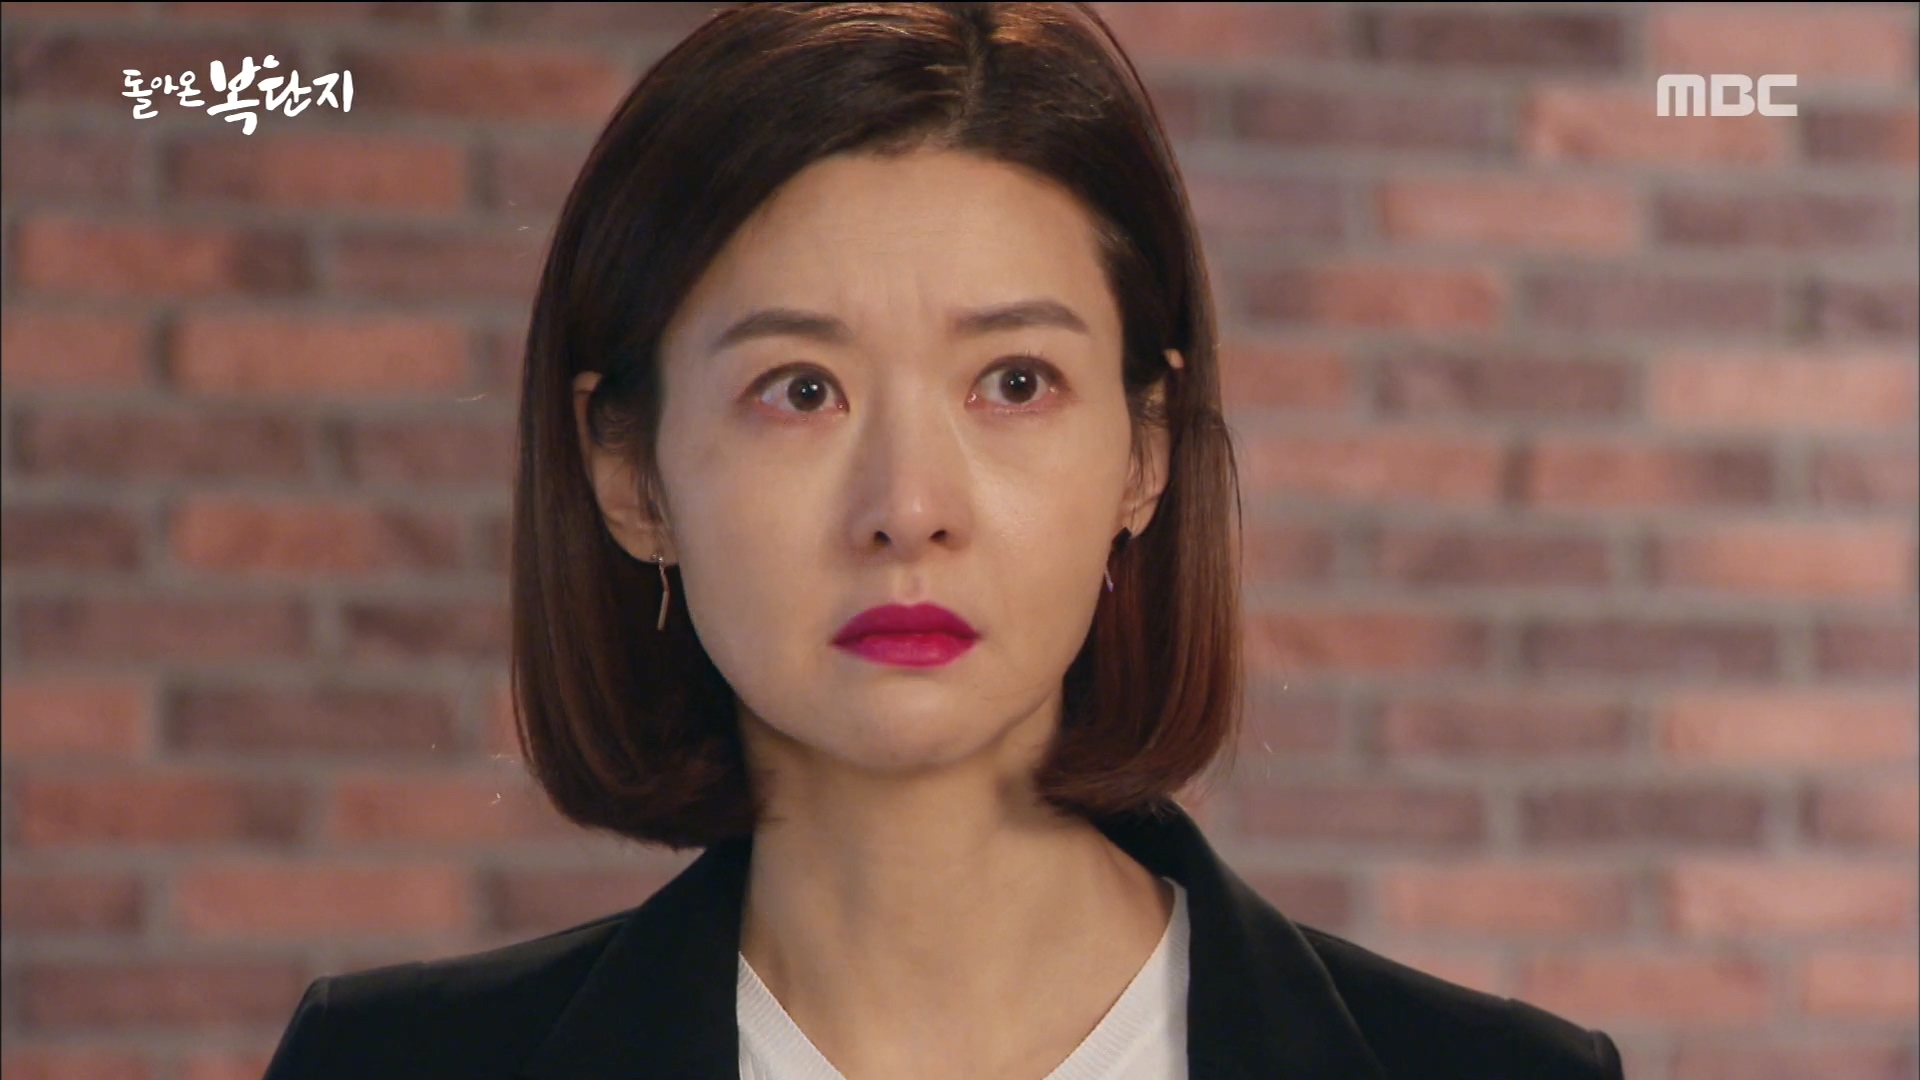 송선미, 기자회견에서 공개된 블랙박스 영상에 당황